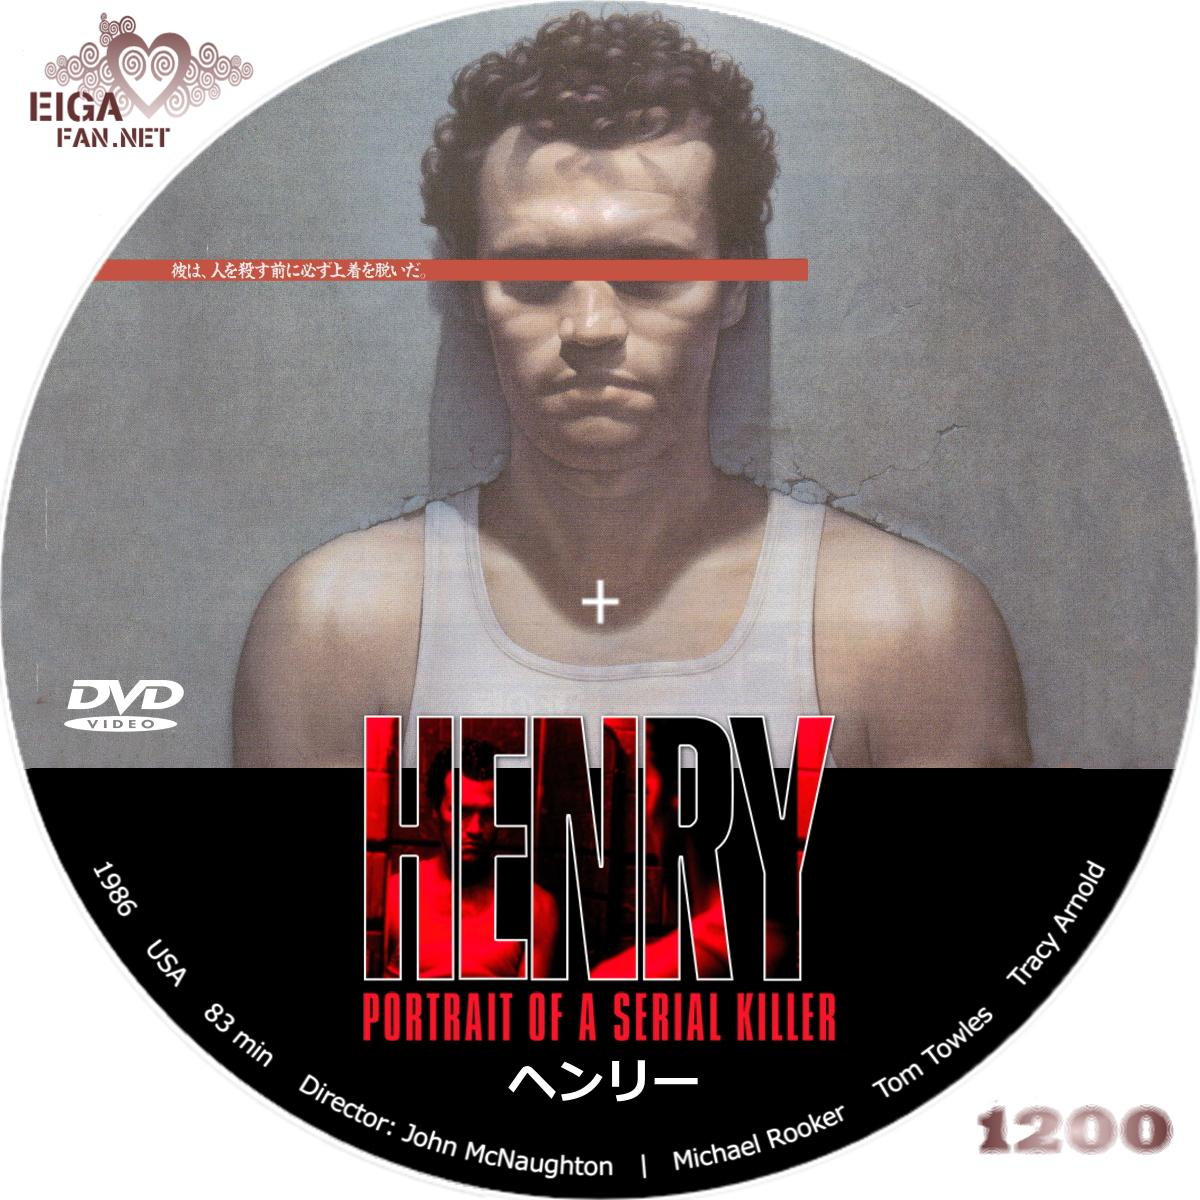 ヘンリー/HENRY: PORTRAIT OF A SERIAL KILLER (1986)      自作DVDラベル&BDラベル      洋画【へ】PAGE-26